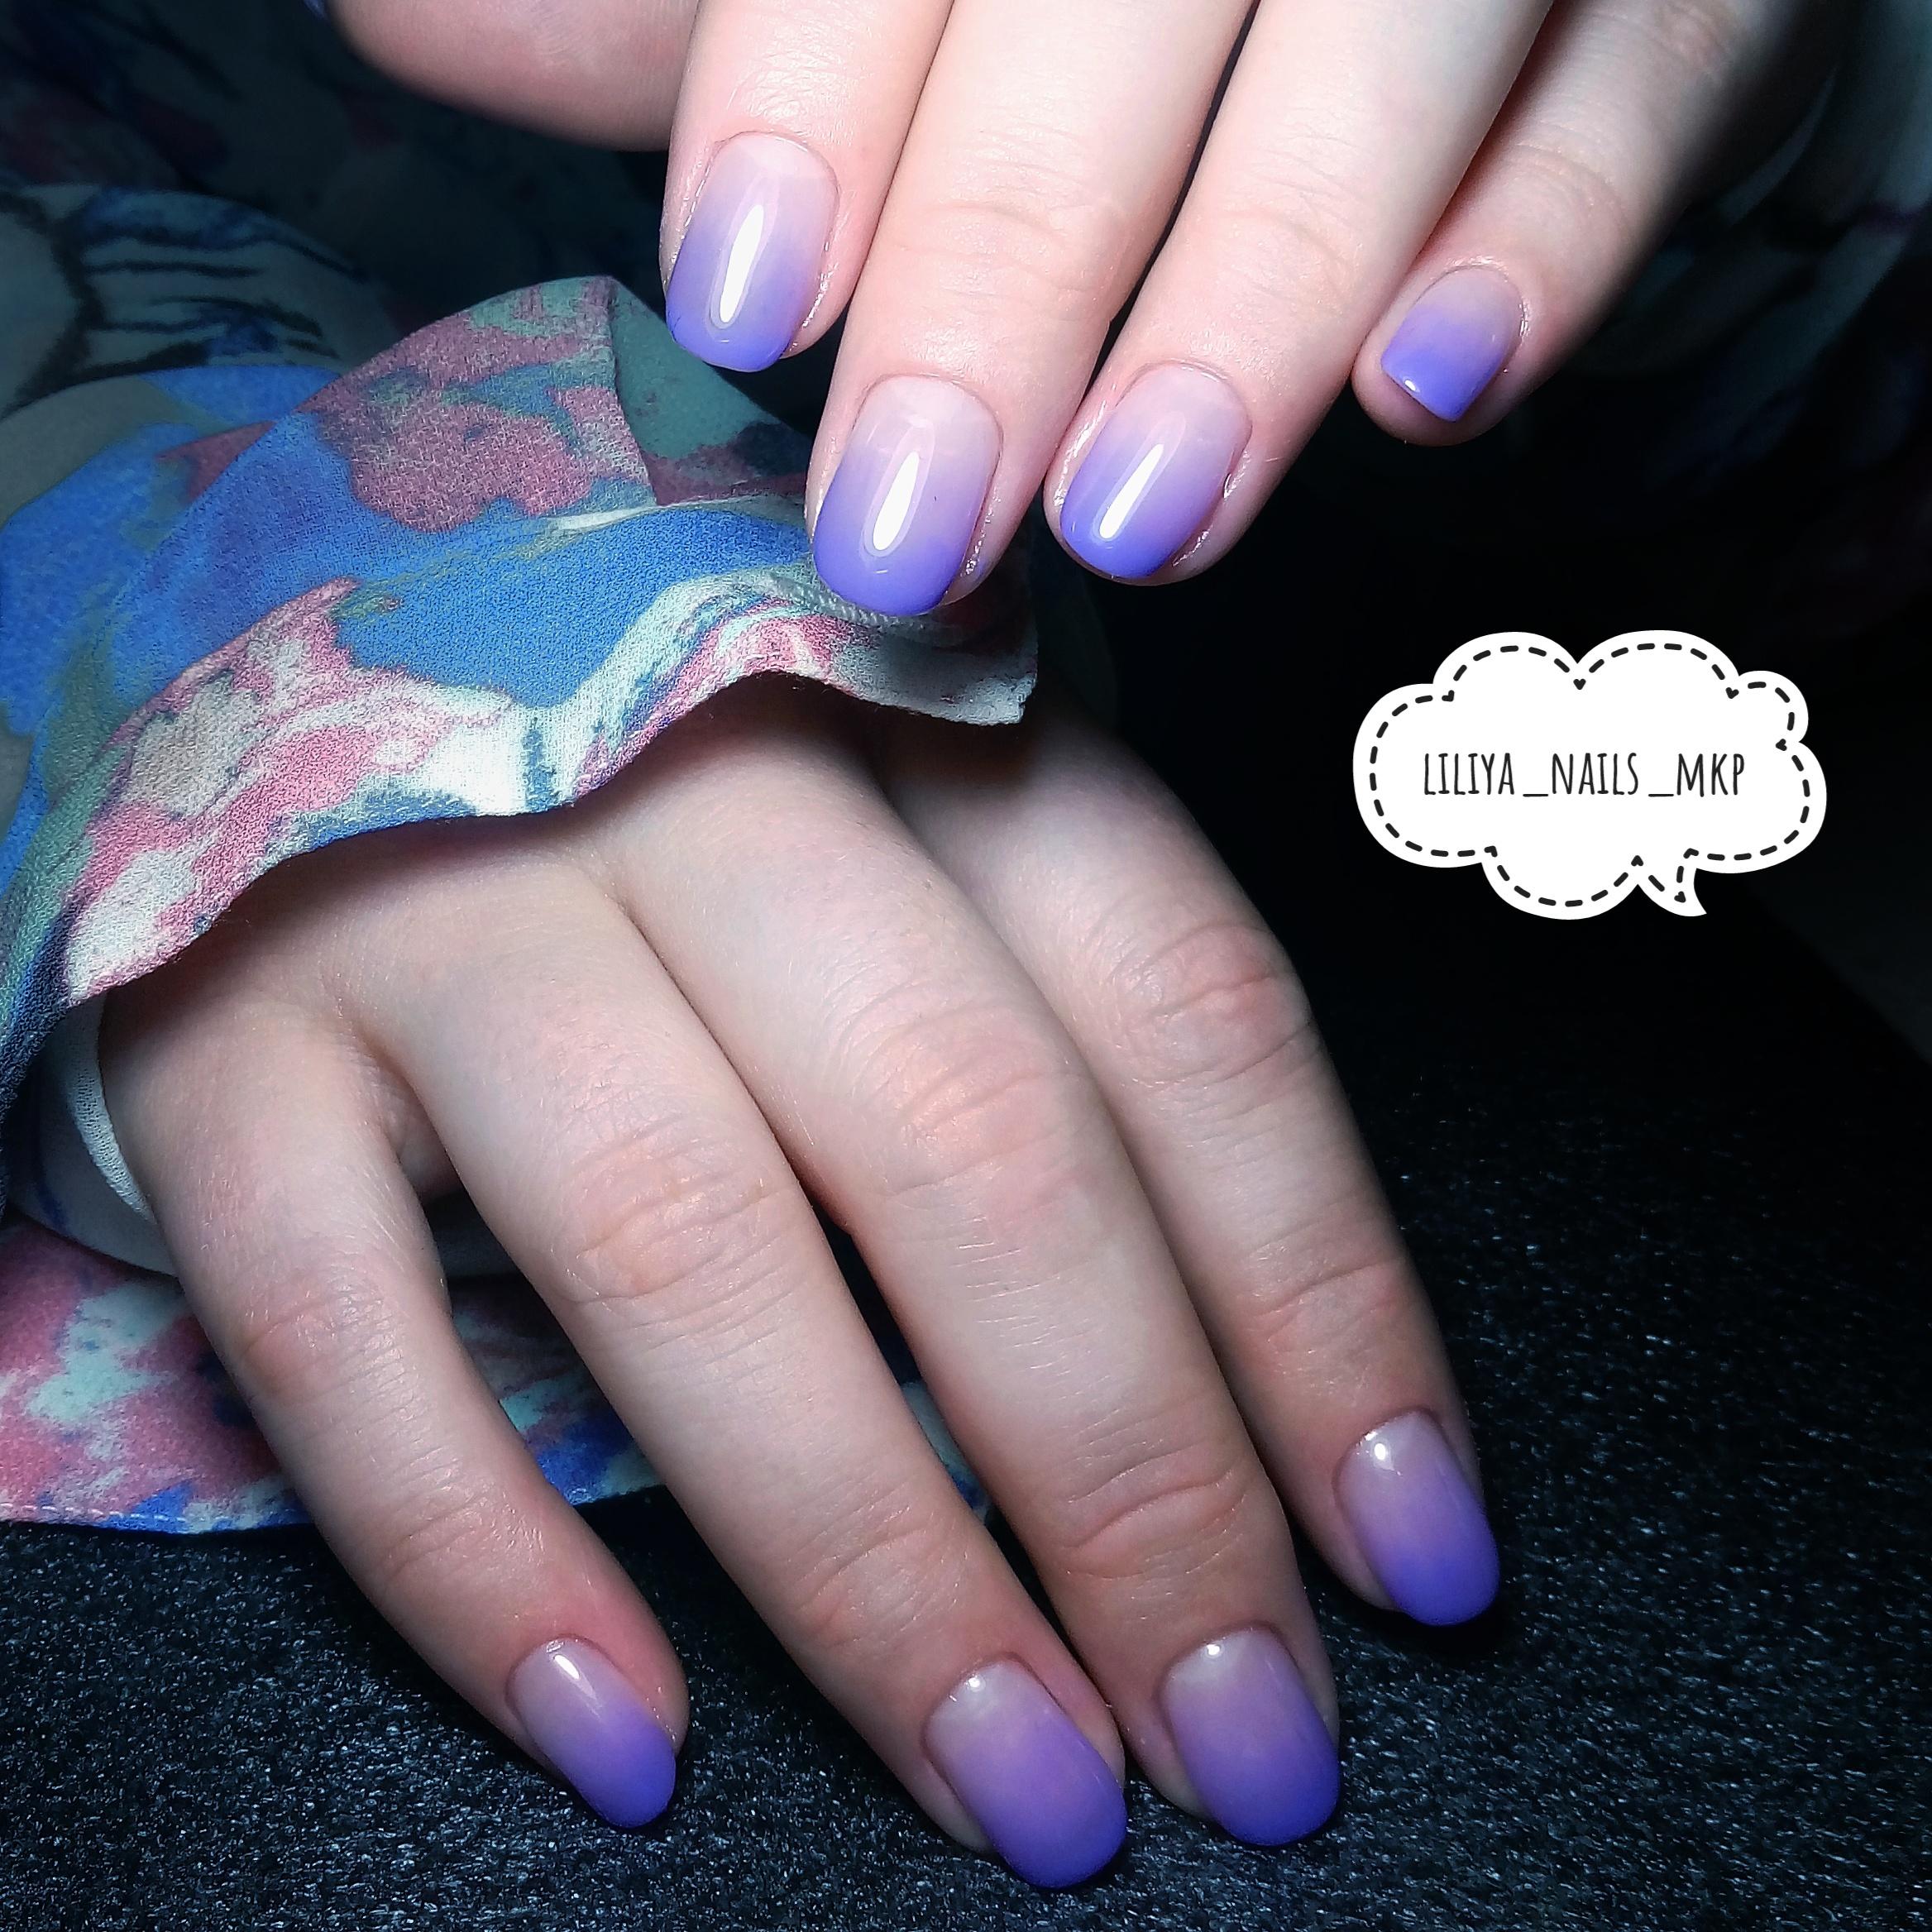 Маникюр с градиентом в фиолетовом цвете на короткие ногти.